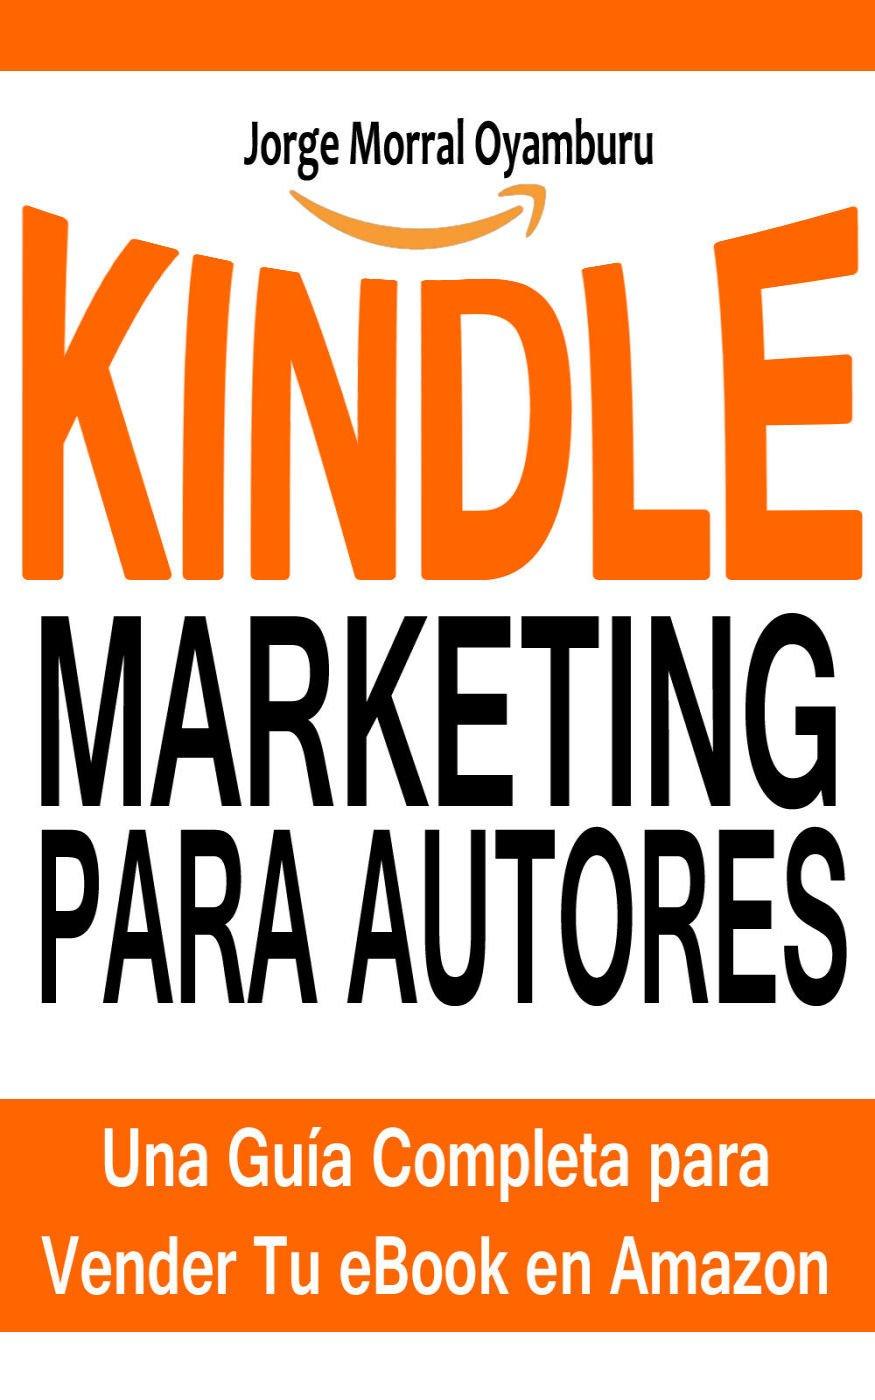 Kindle Marketing para Autores: Cómo Vender tus eBooks en Amazon Eficazmente: Aprende a Posicionar y Vender tus Libros en Amazon Kindle (Best Sellers nº 1) (Spanish Edition)